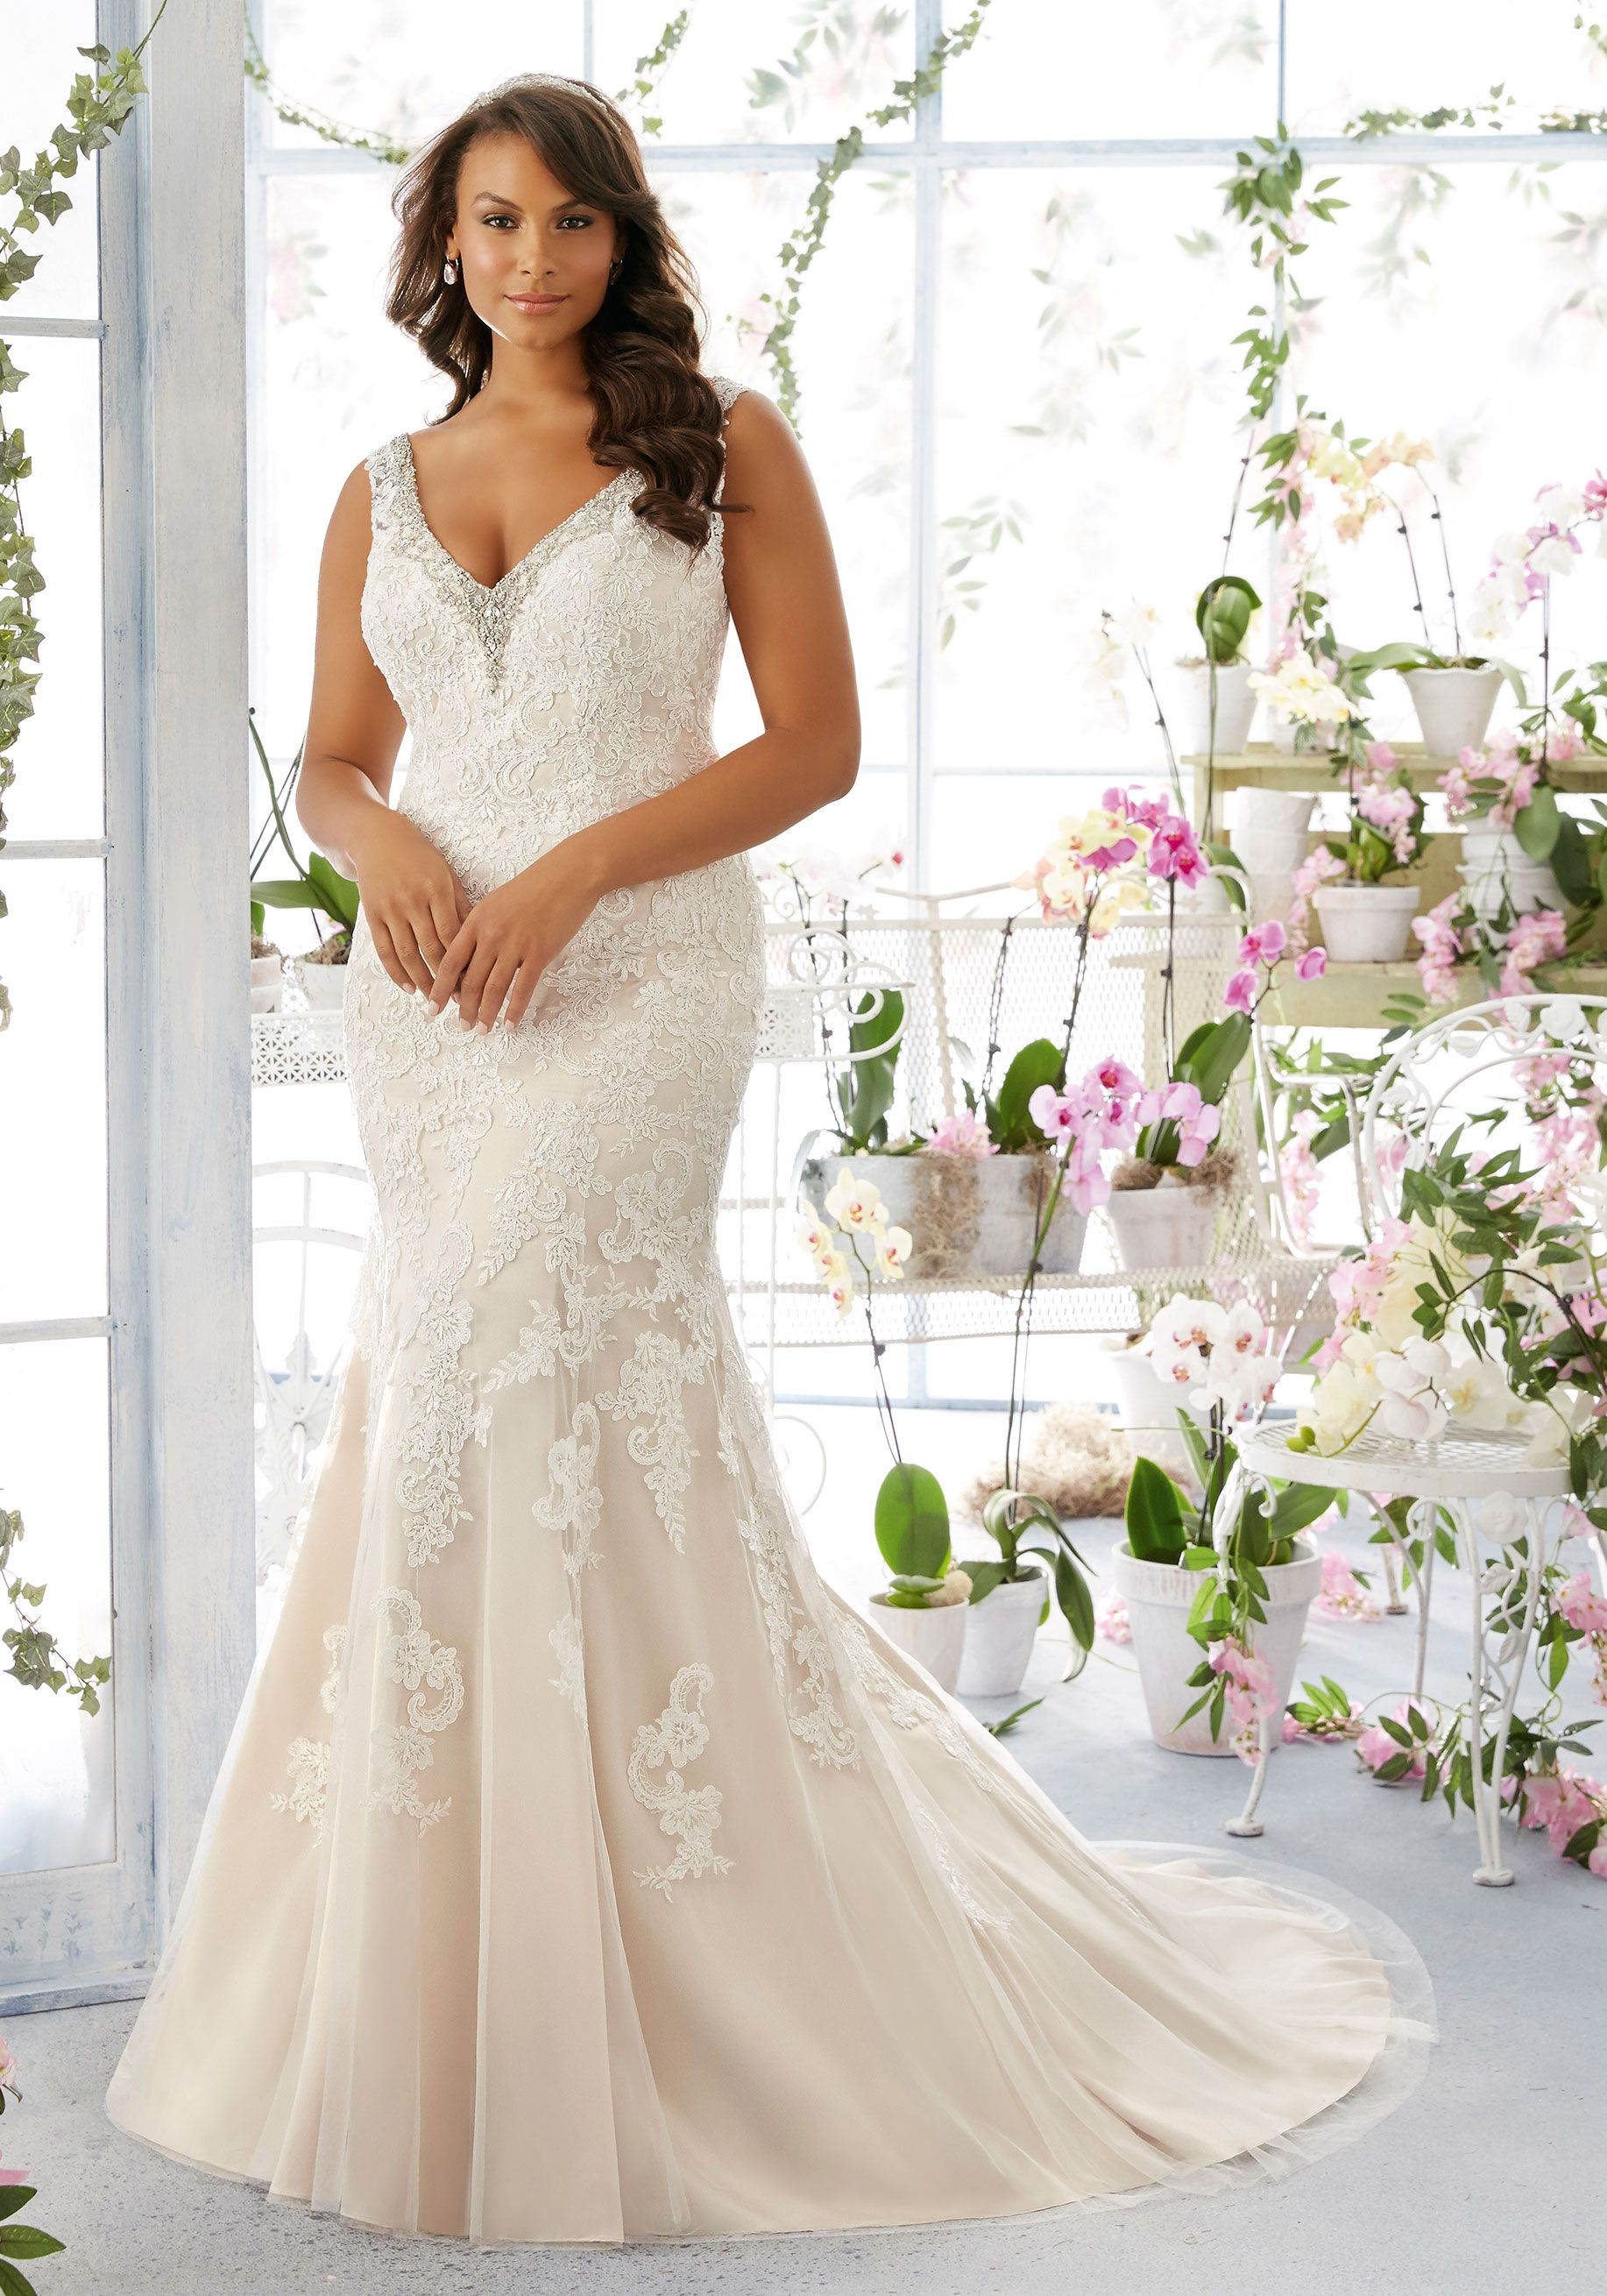 Wedding dresses for plus size brides  Diamanté and Pearl Beaded Edging Trims the Net Dress with Alençon